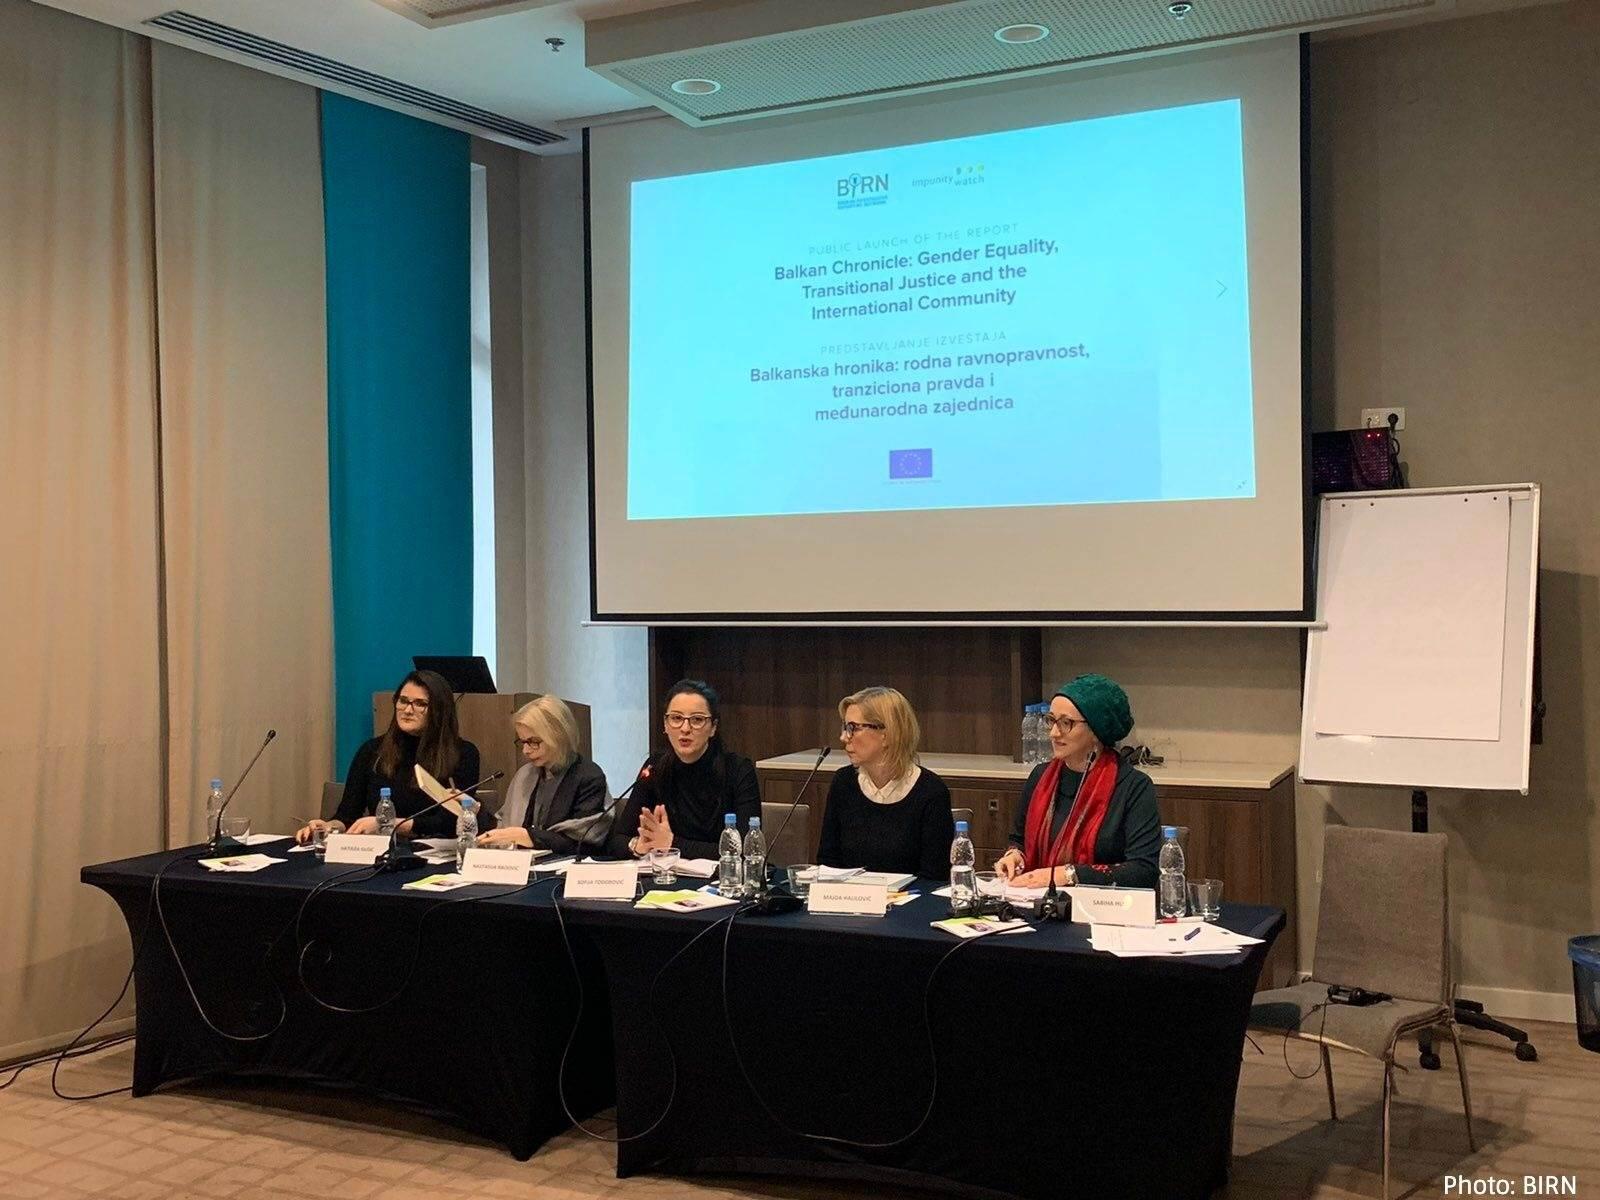 Nerješavanje zločina nad ženama prepreka za tranzicionu pravdu